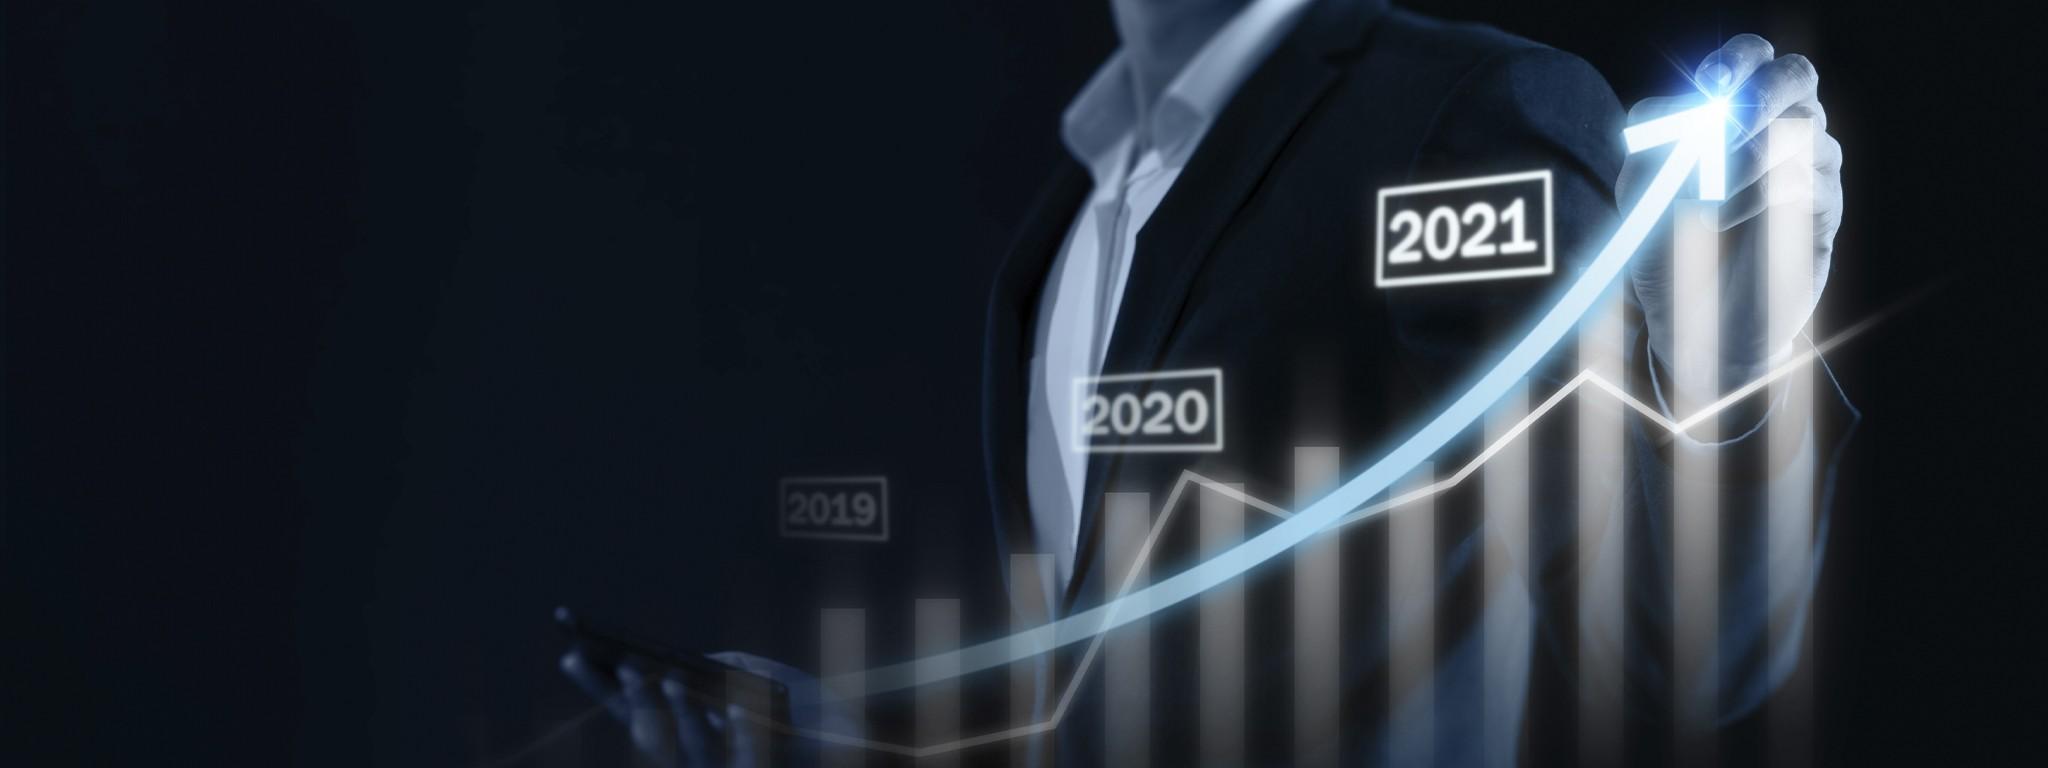 Бизнесмен указывает на иллюстрацию с графиком роста рынка за несколько лет вплоть до 2021 года